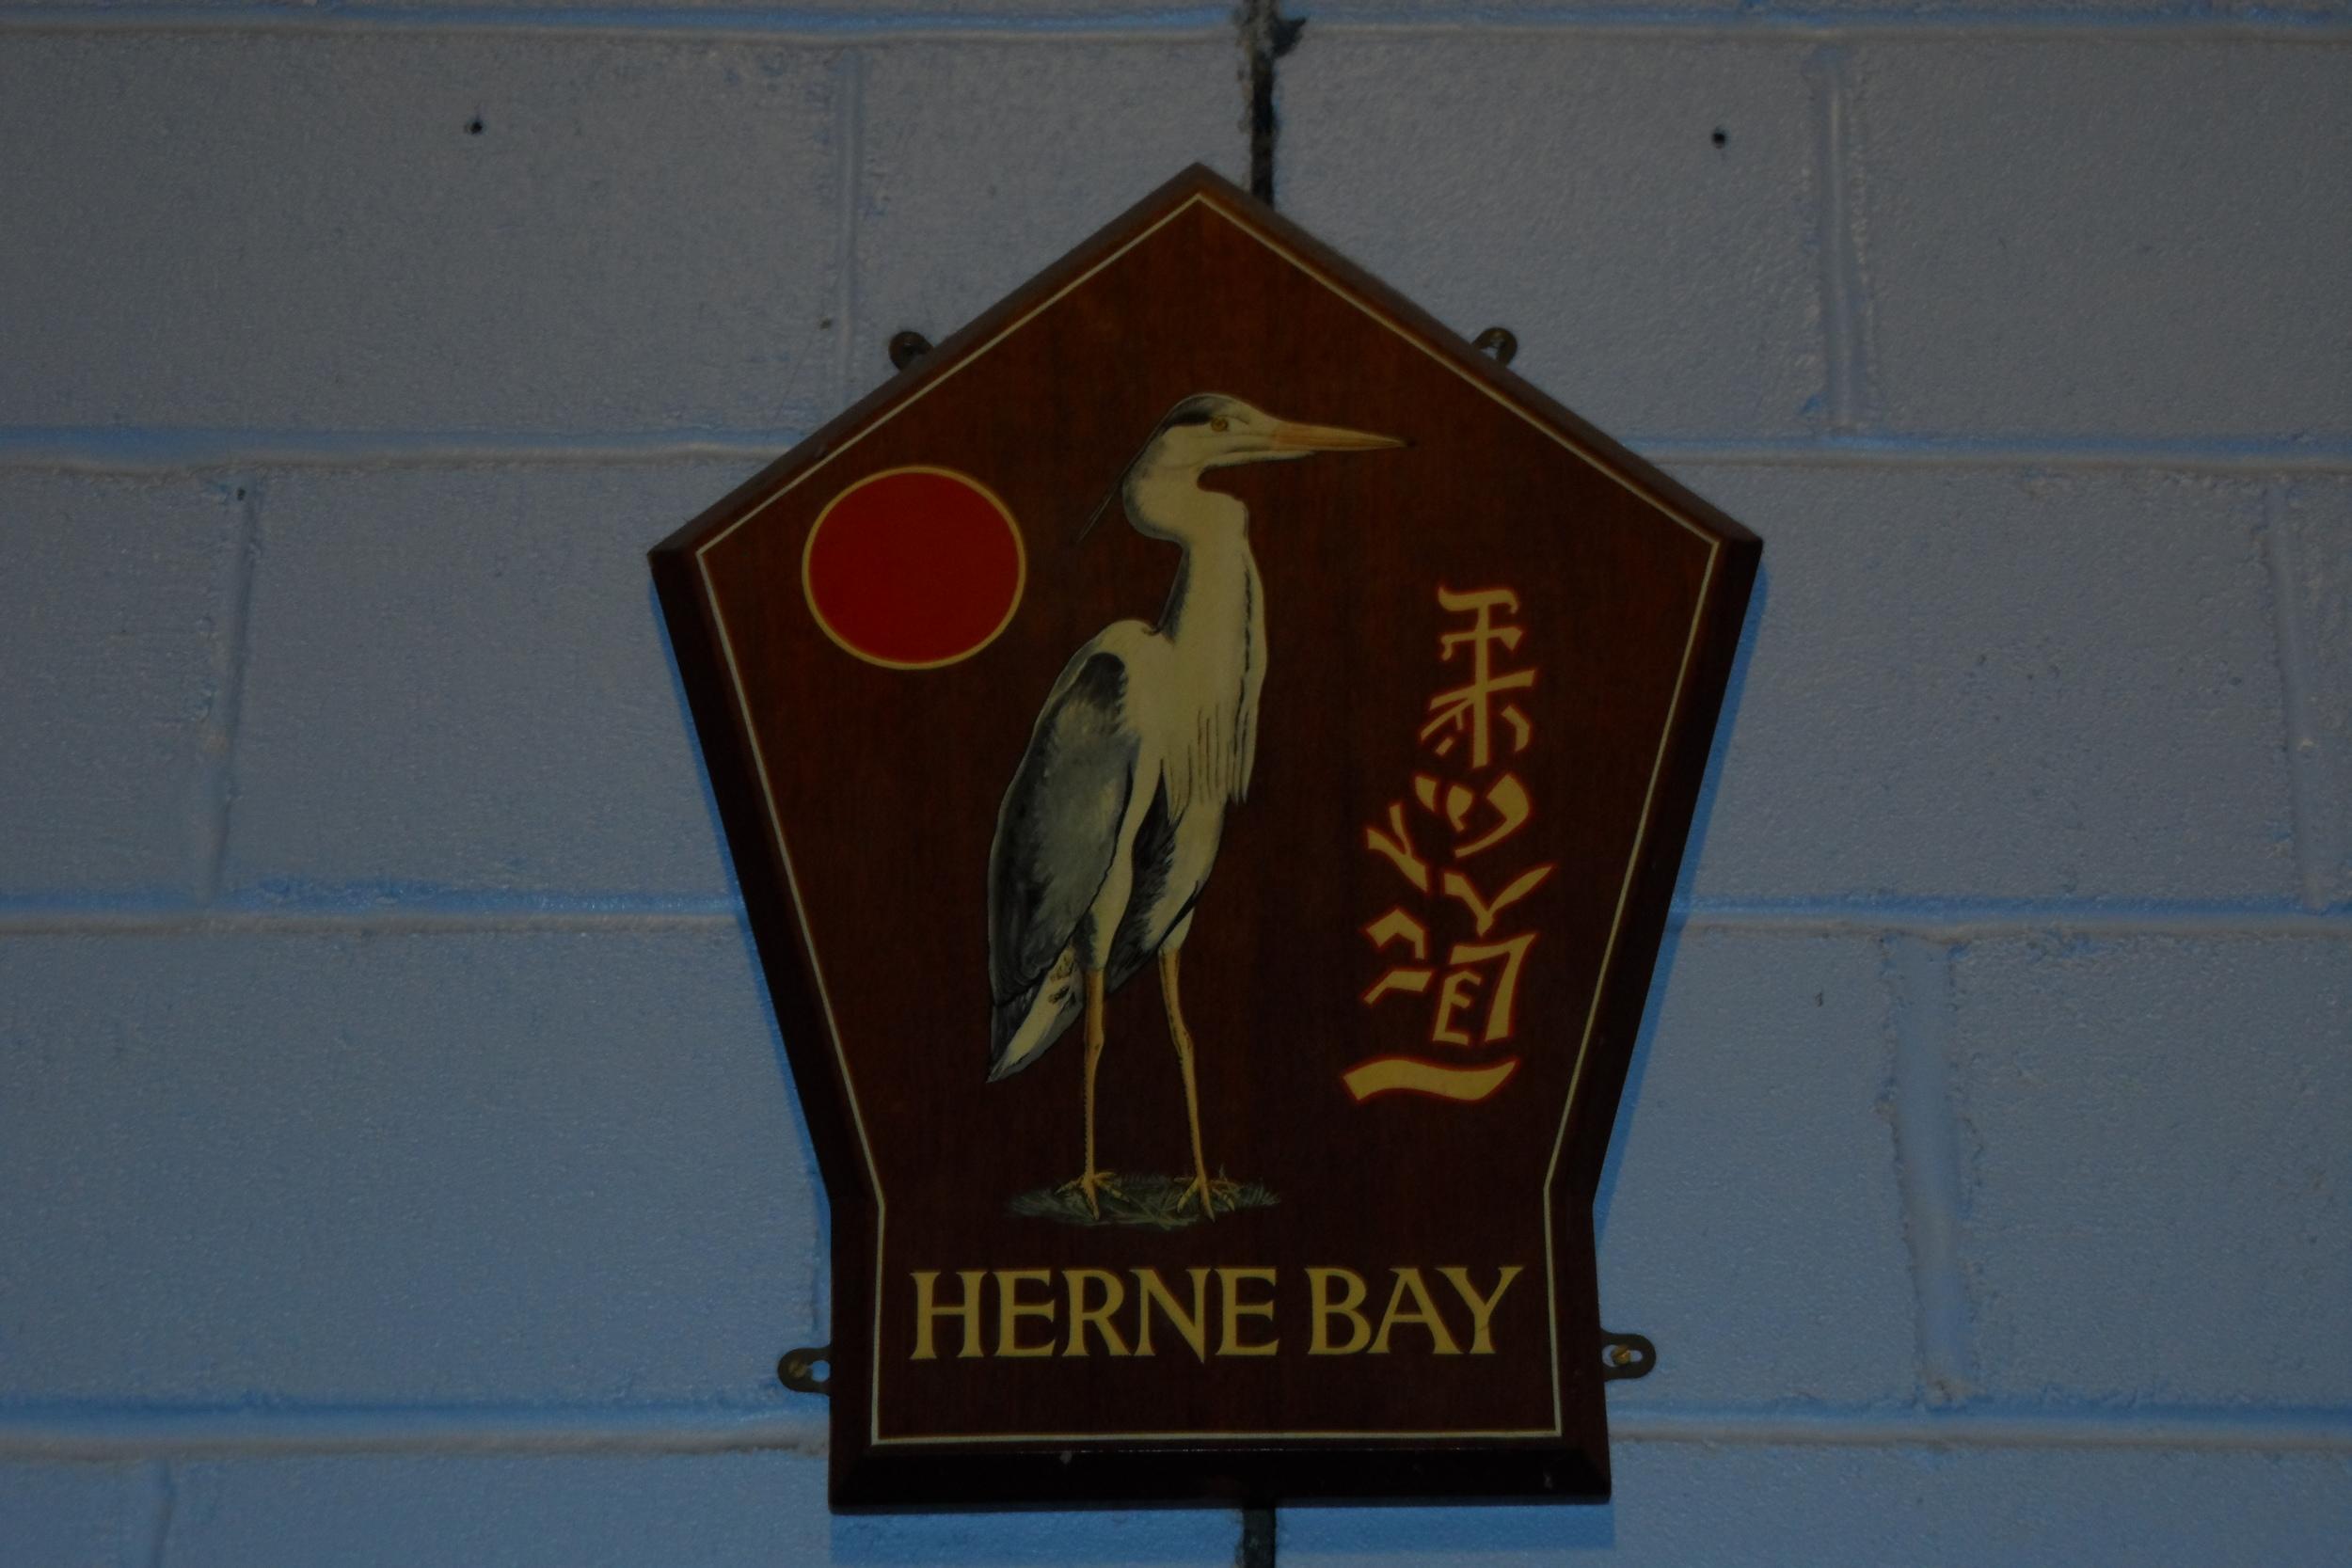 The Herne Bay Judo Logo